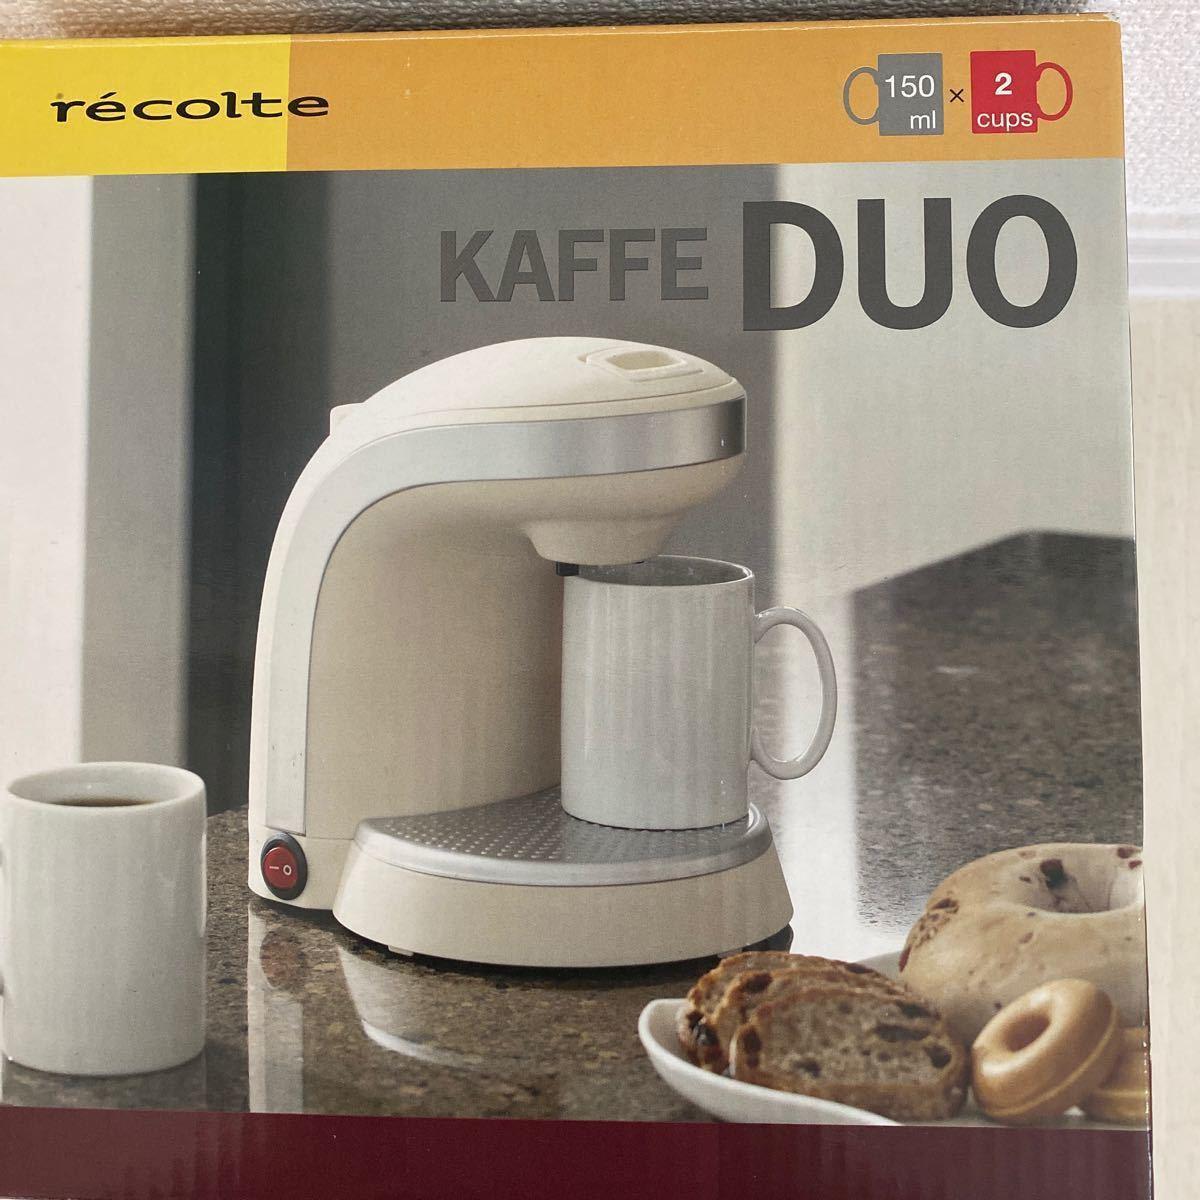 【recolte】【KAFFE DUO】コーヒーメーカー 新品 未使用 マグカップ2個付き ※5月21日まで値下げ中